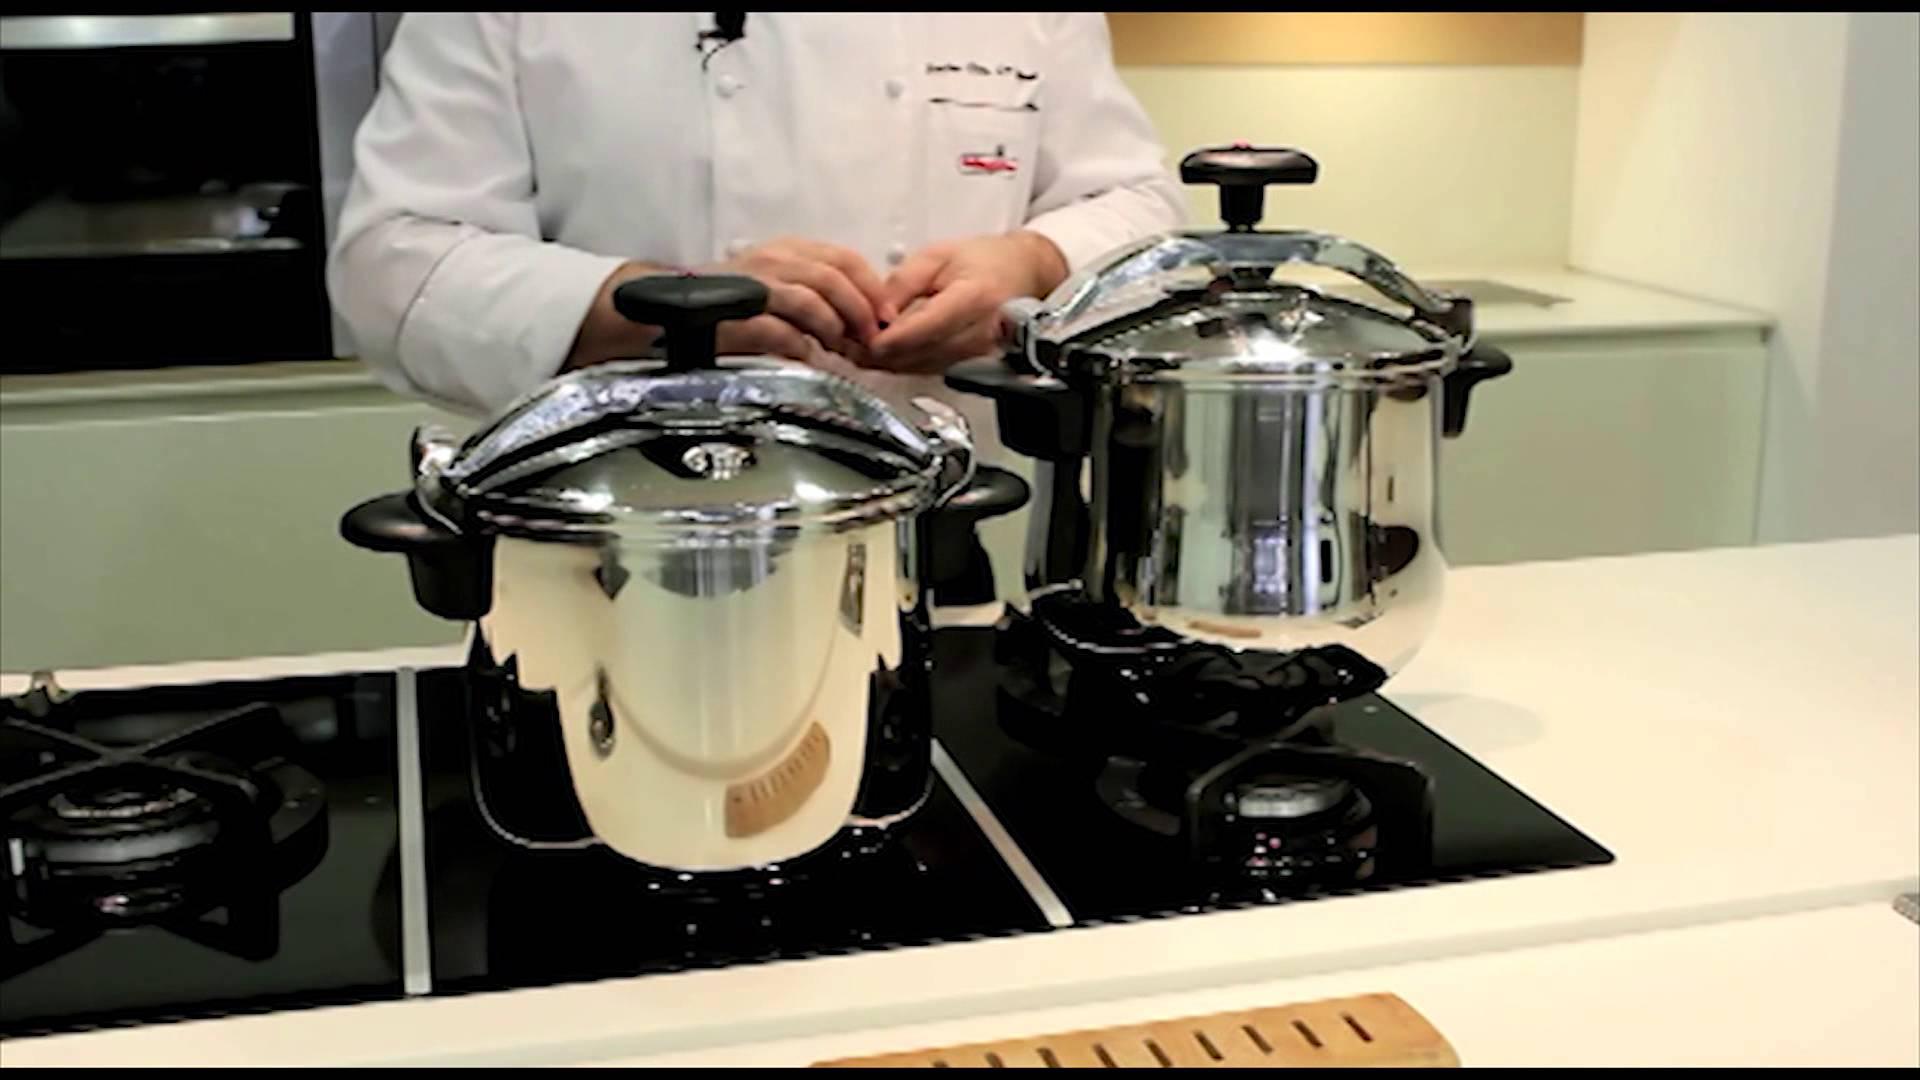 Cocinar al vapor es una excelente idea para evitar las grasas